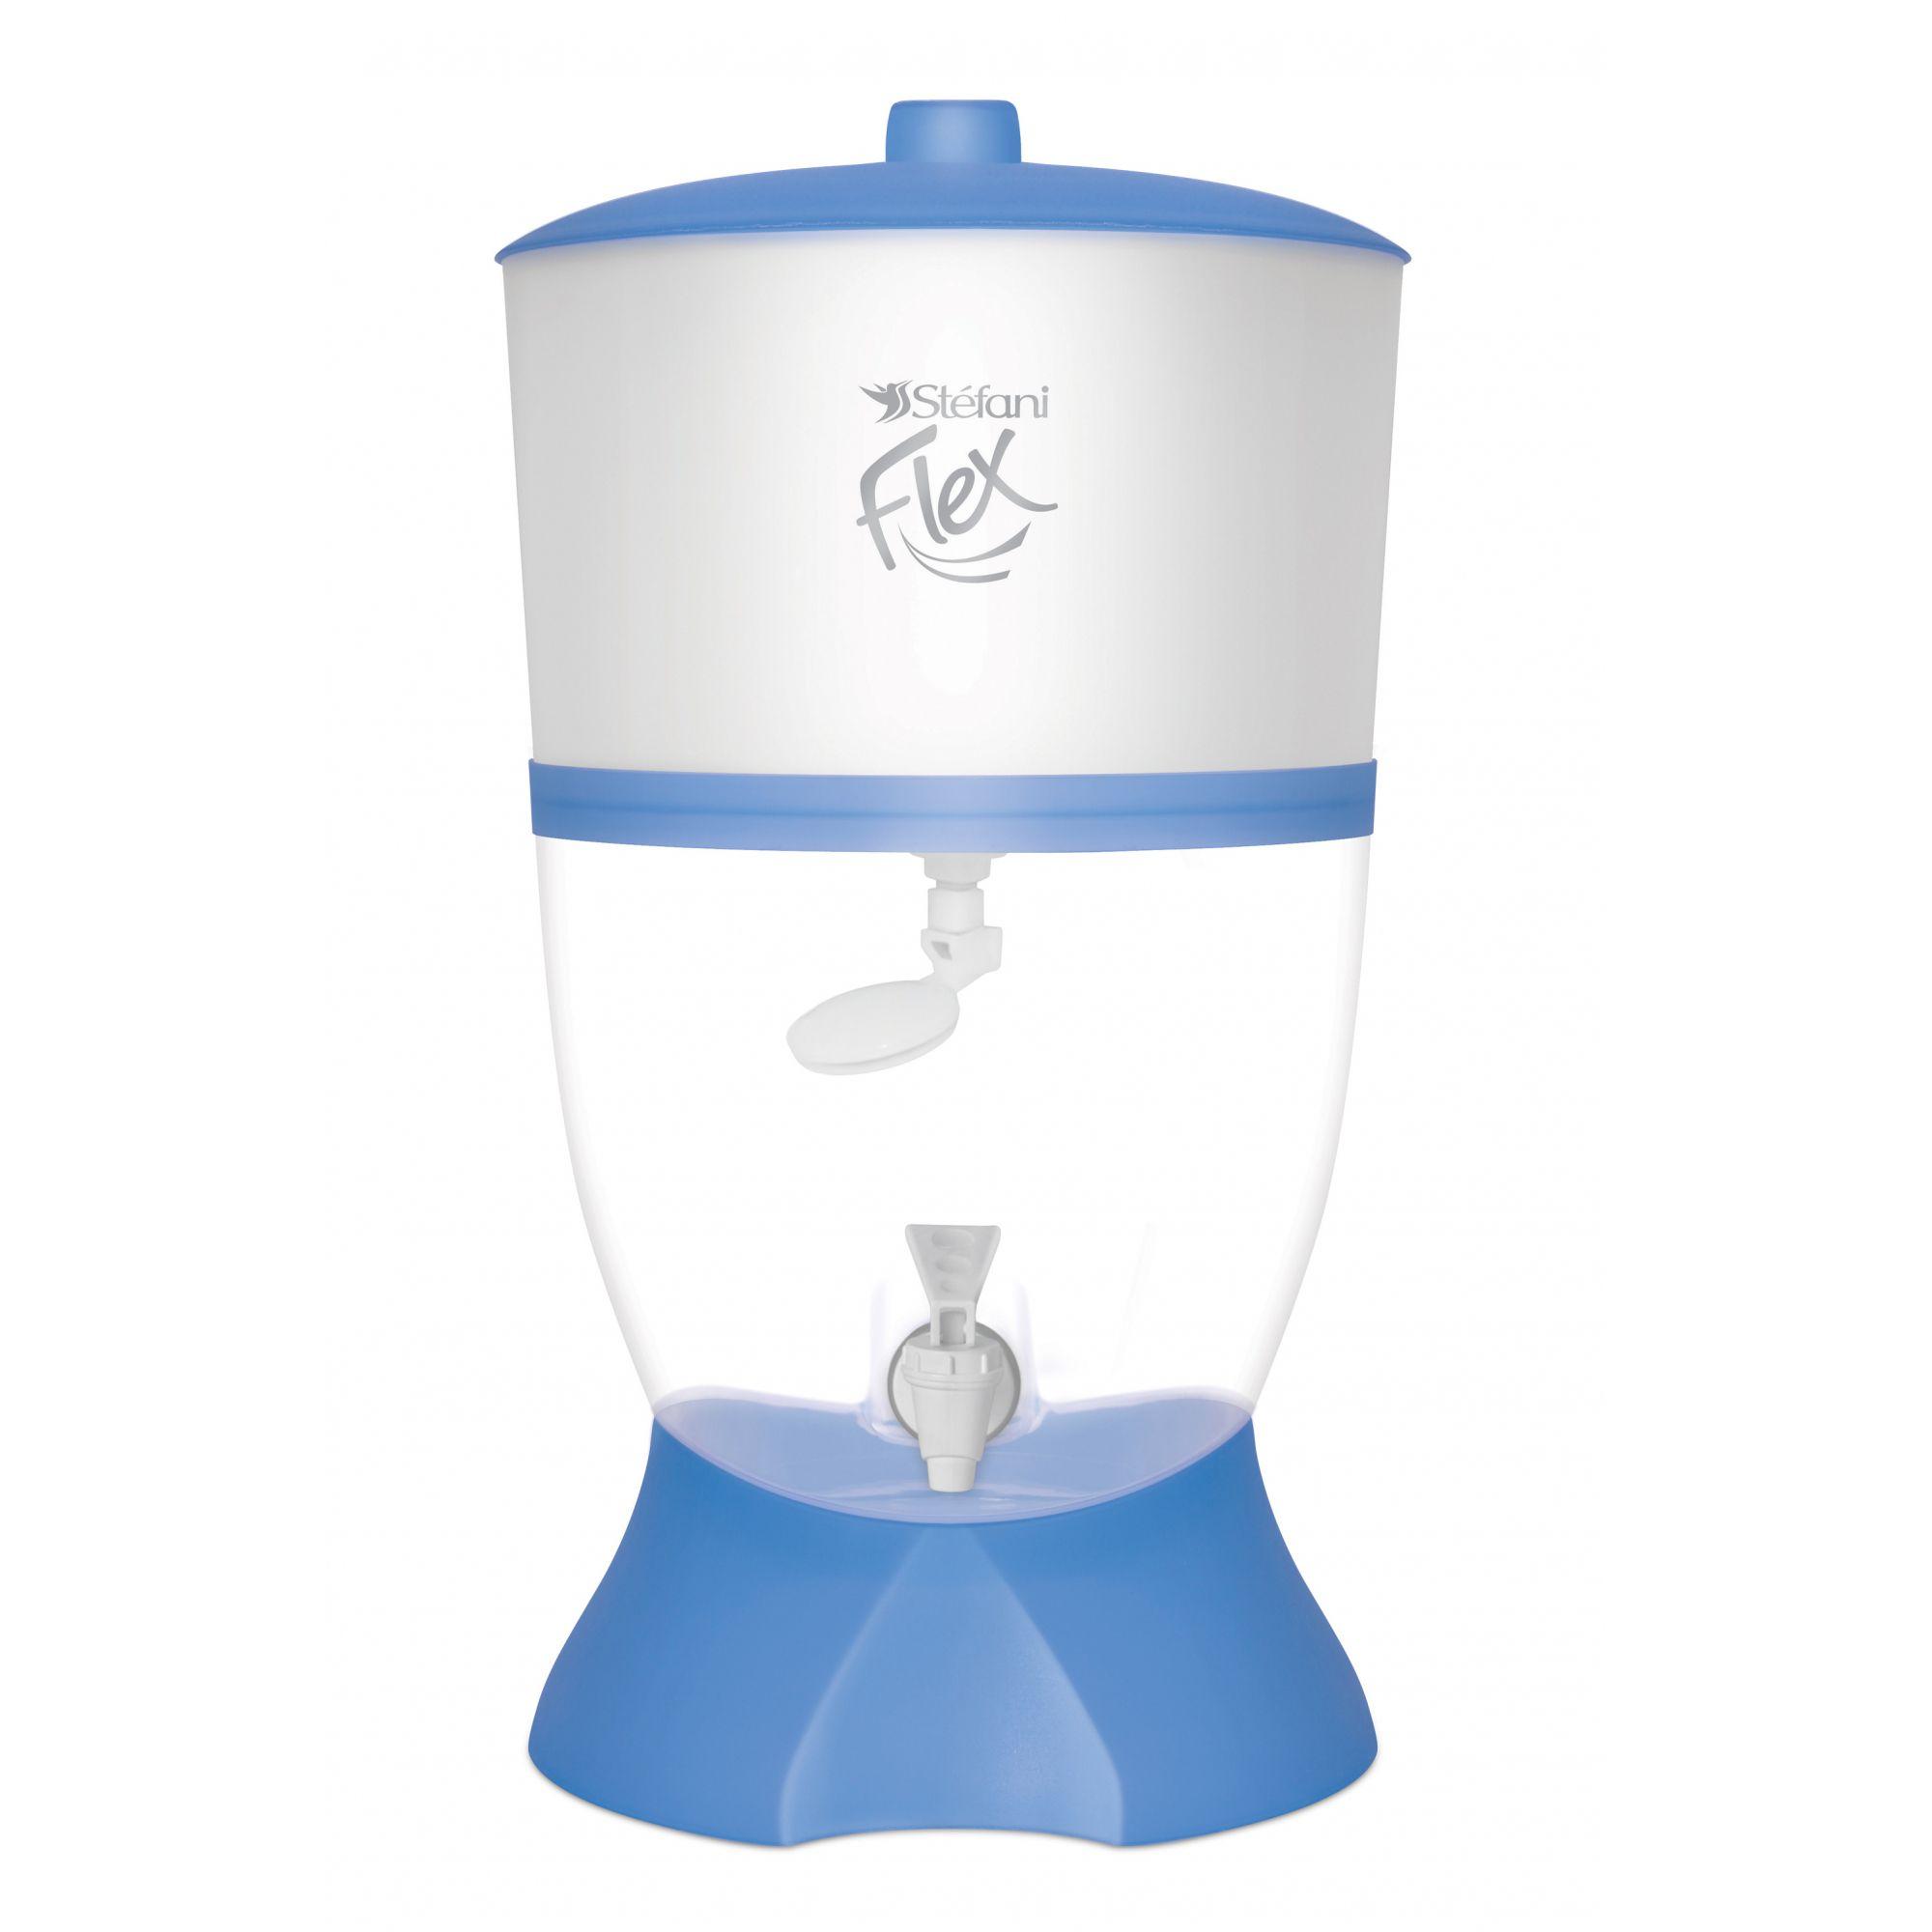 Filtro Purificador de Água Stefani Flex Azul 1v 6L  - CN Distribuidora